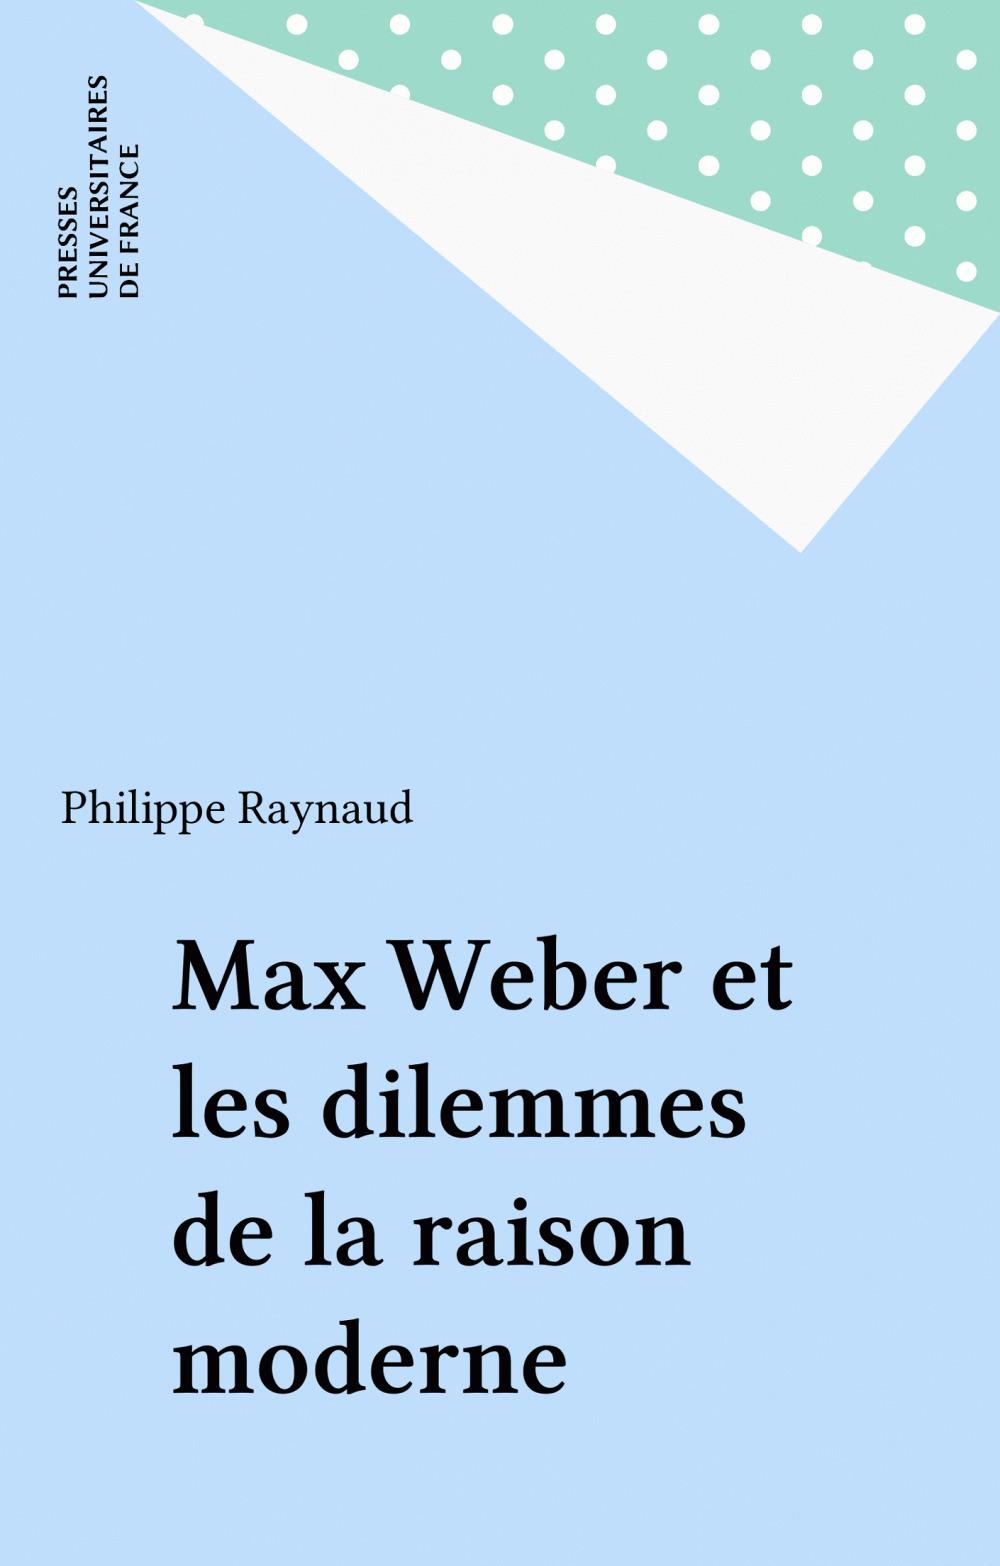 Max weber et les dilemmes de la raison moderne